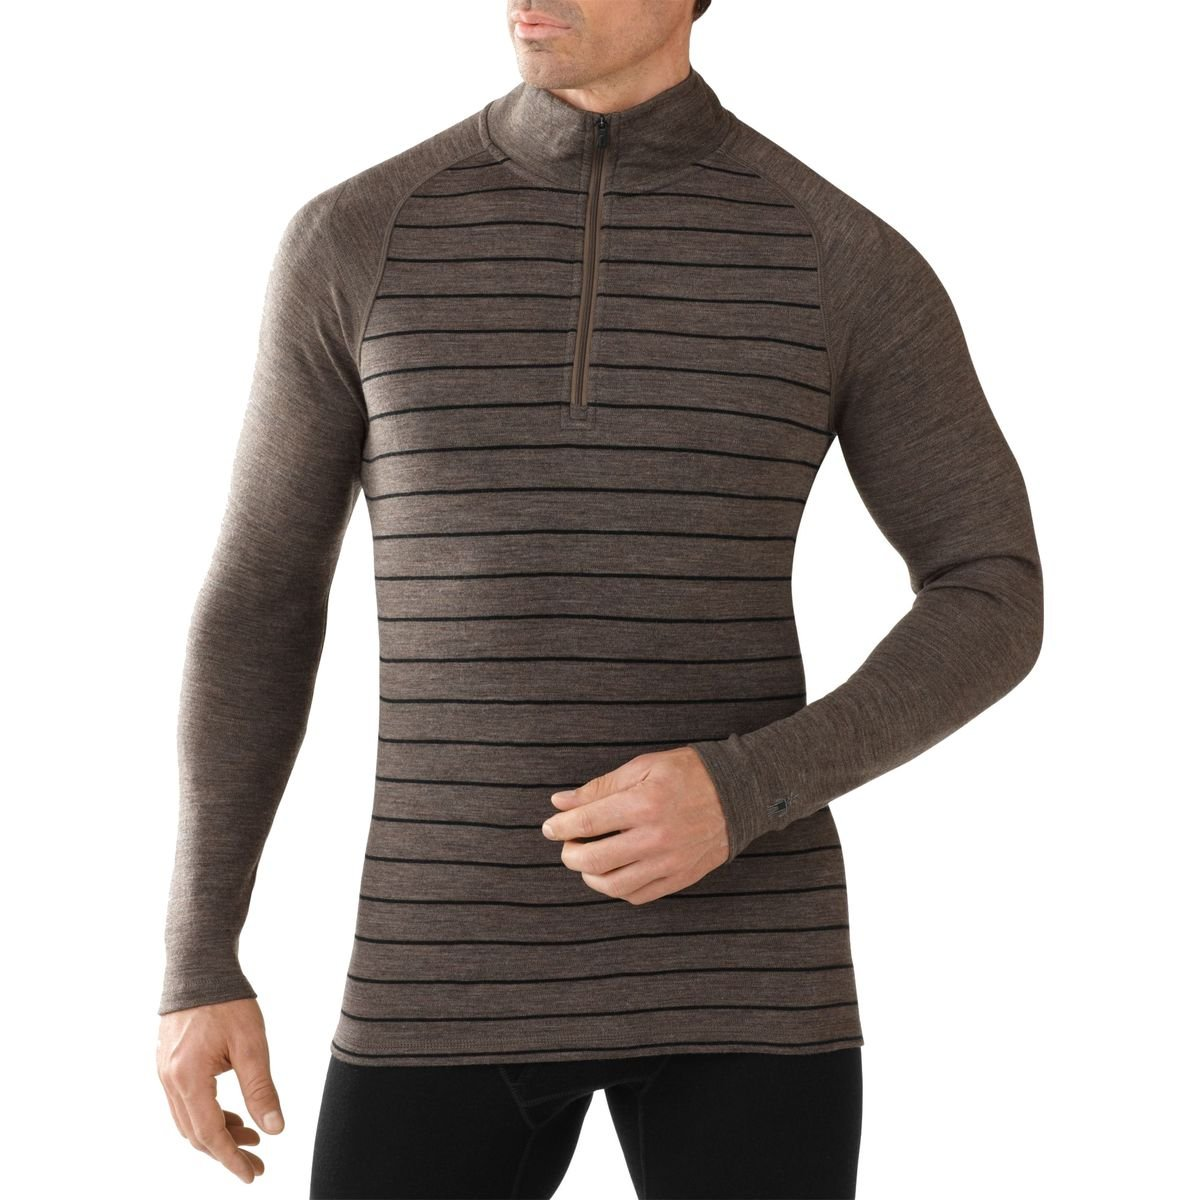 SmartWool Men's Merino 250 Baselayer Pattern 1/4 Zip (Taupe Heather/Black- Past Season) X-Large